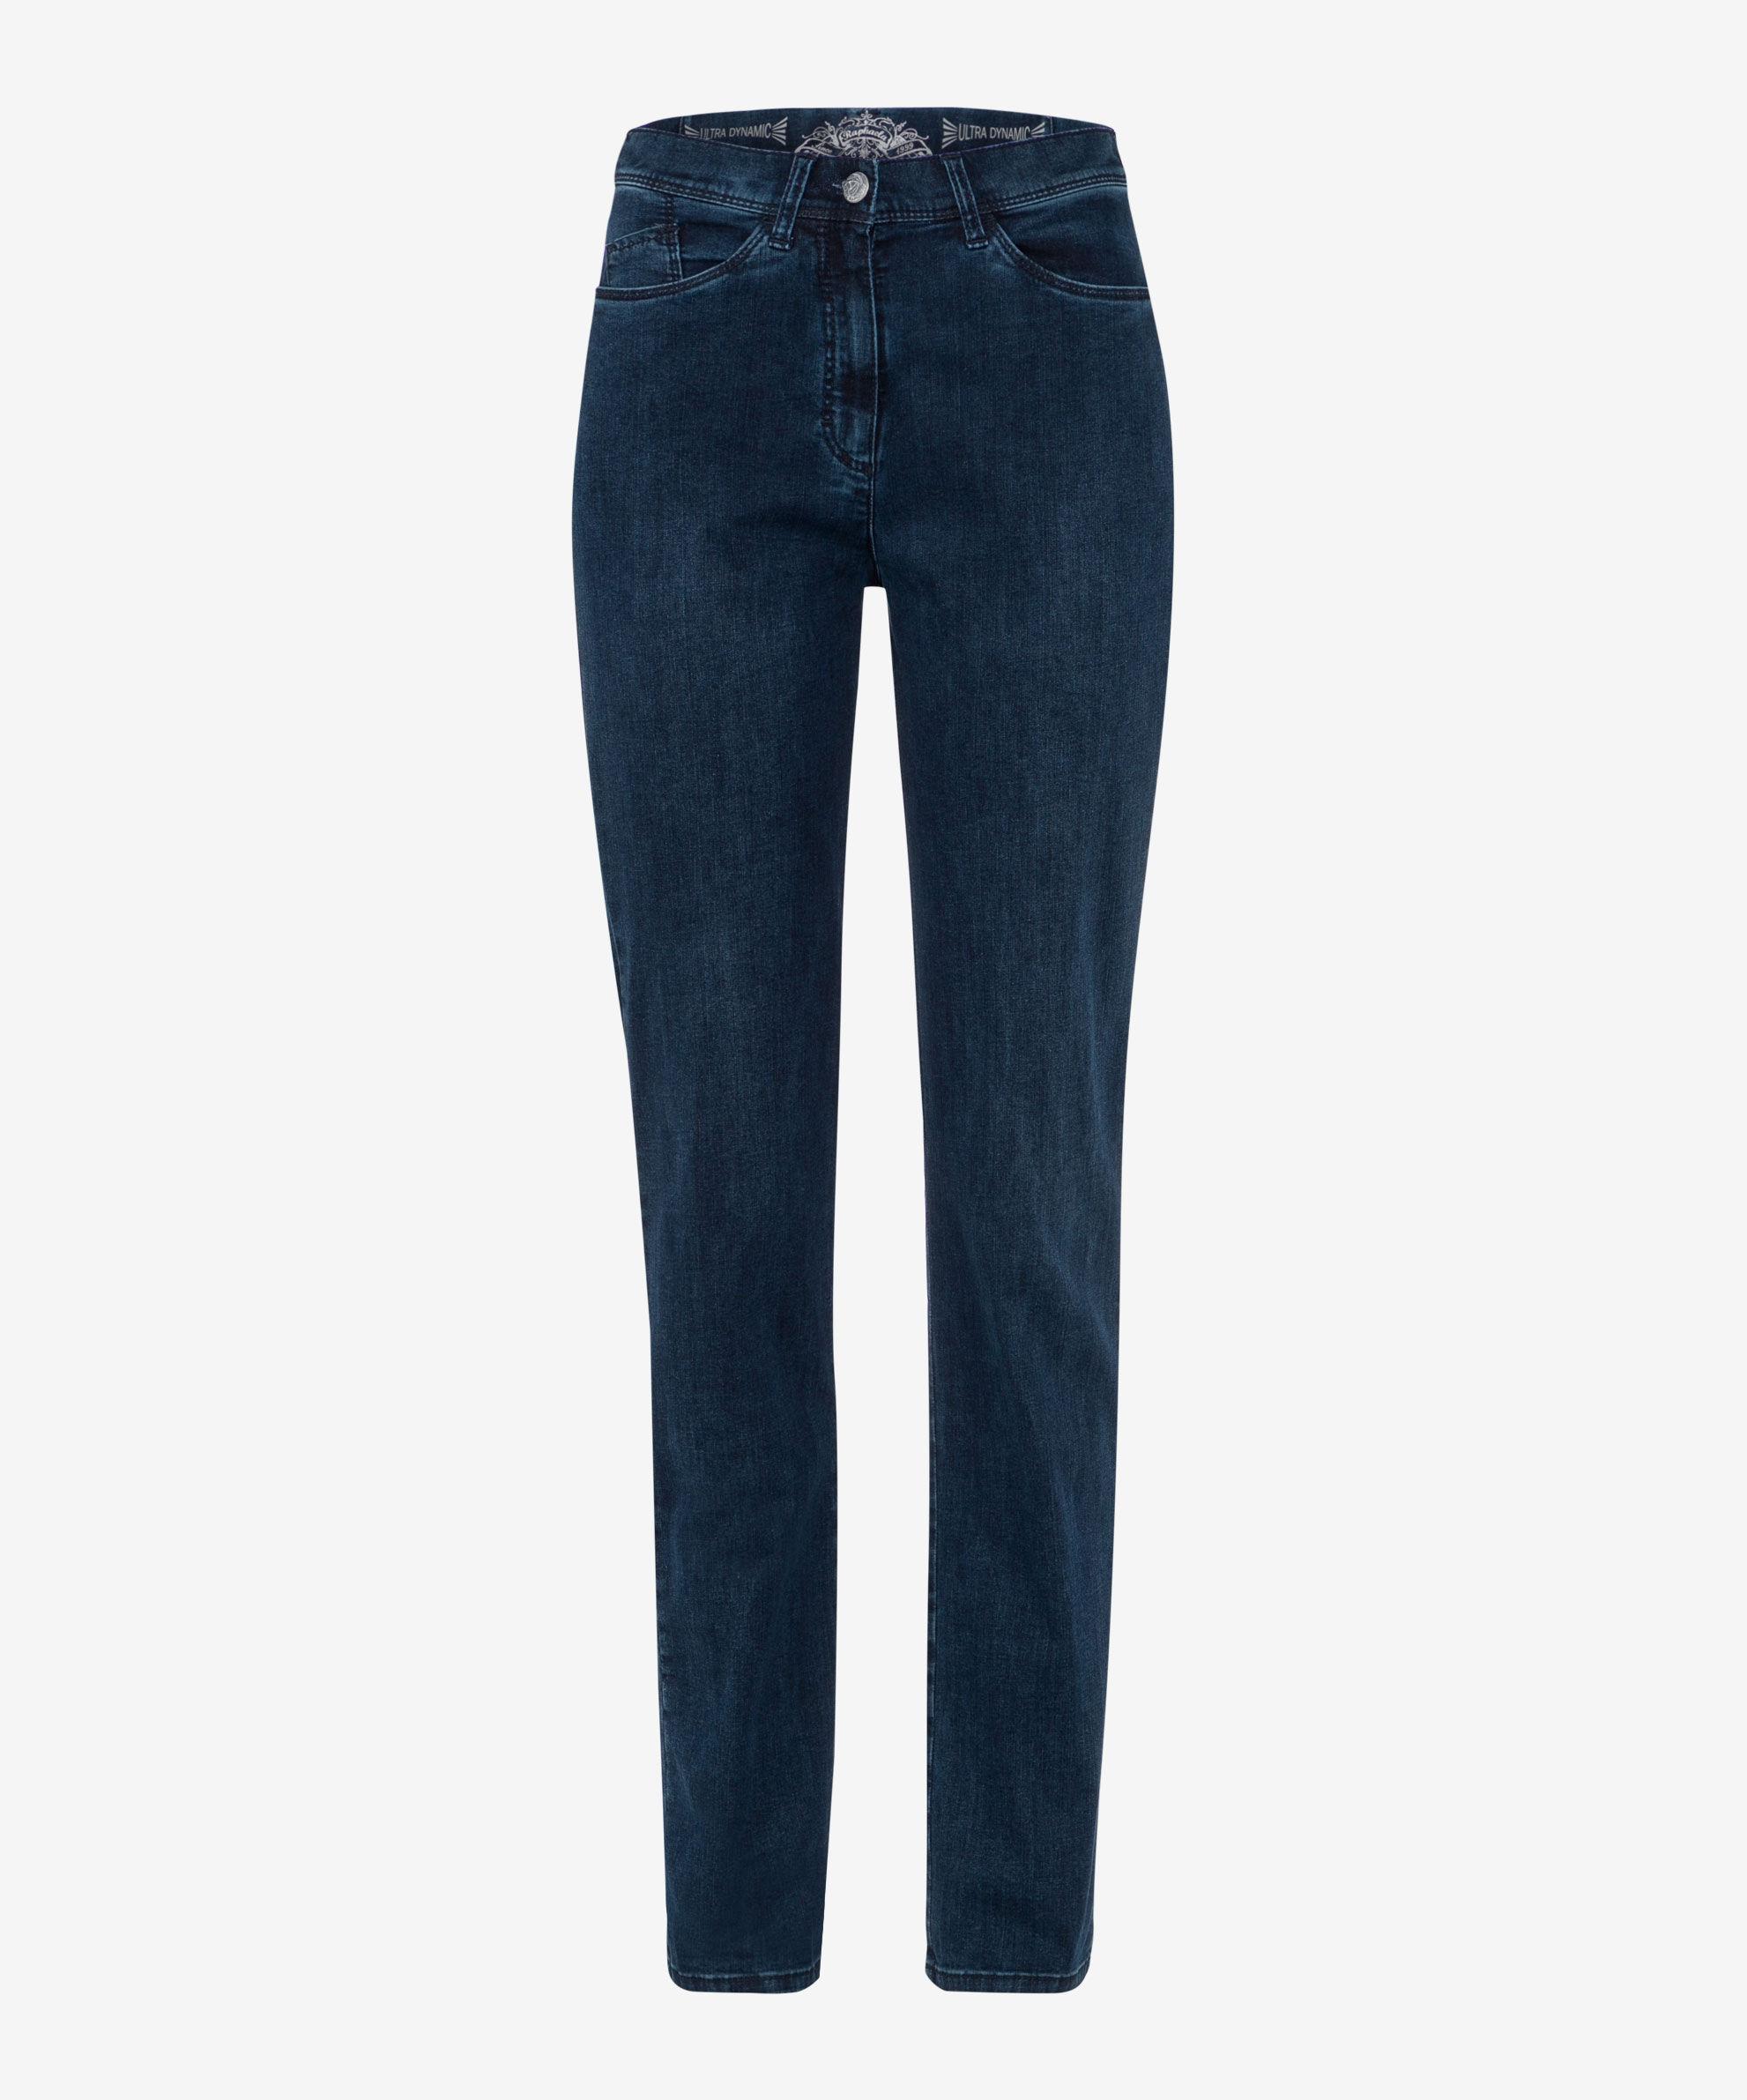 Raphaela Brax Jeans Laura Slash blau